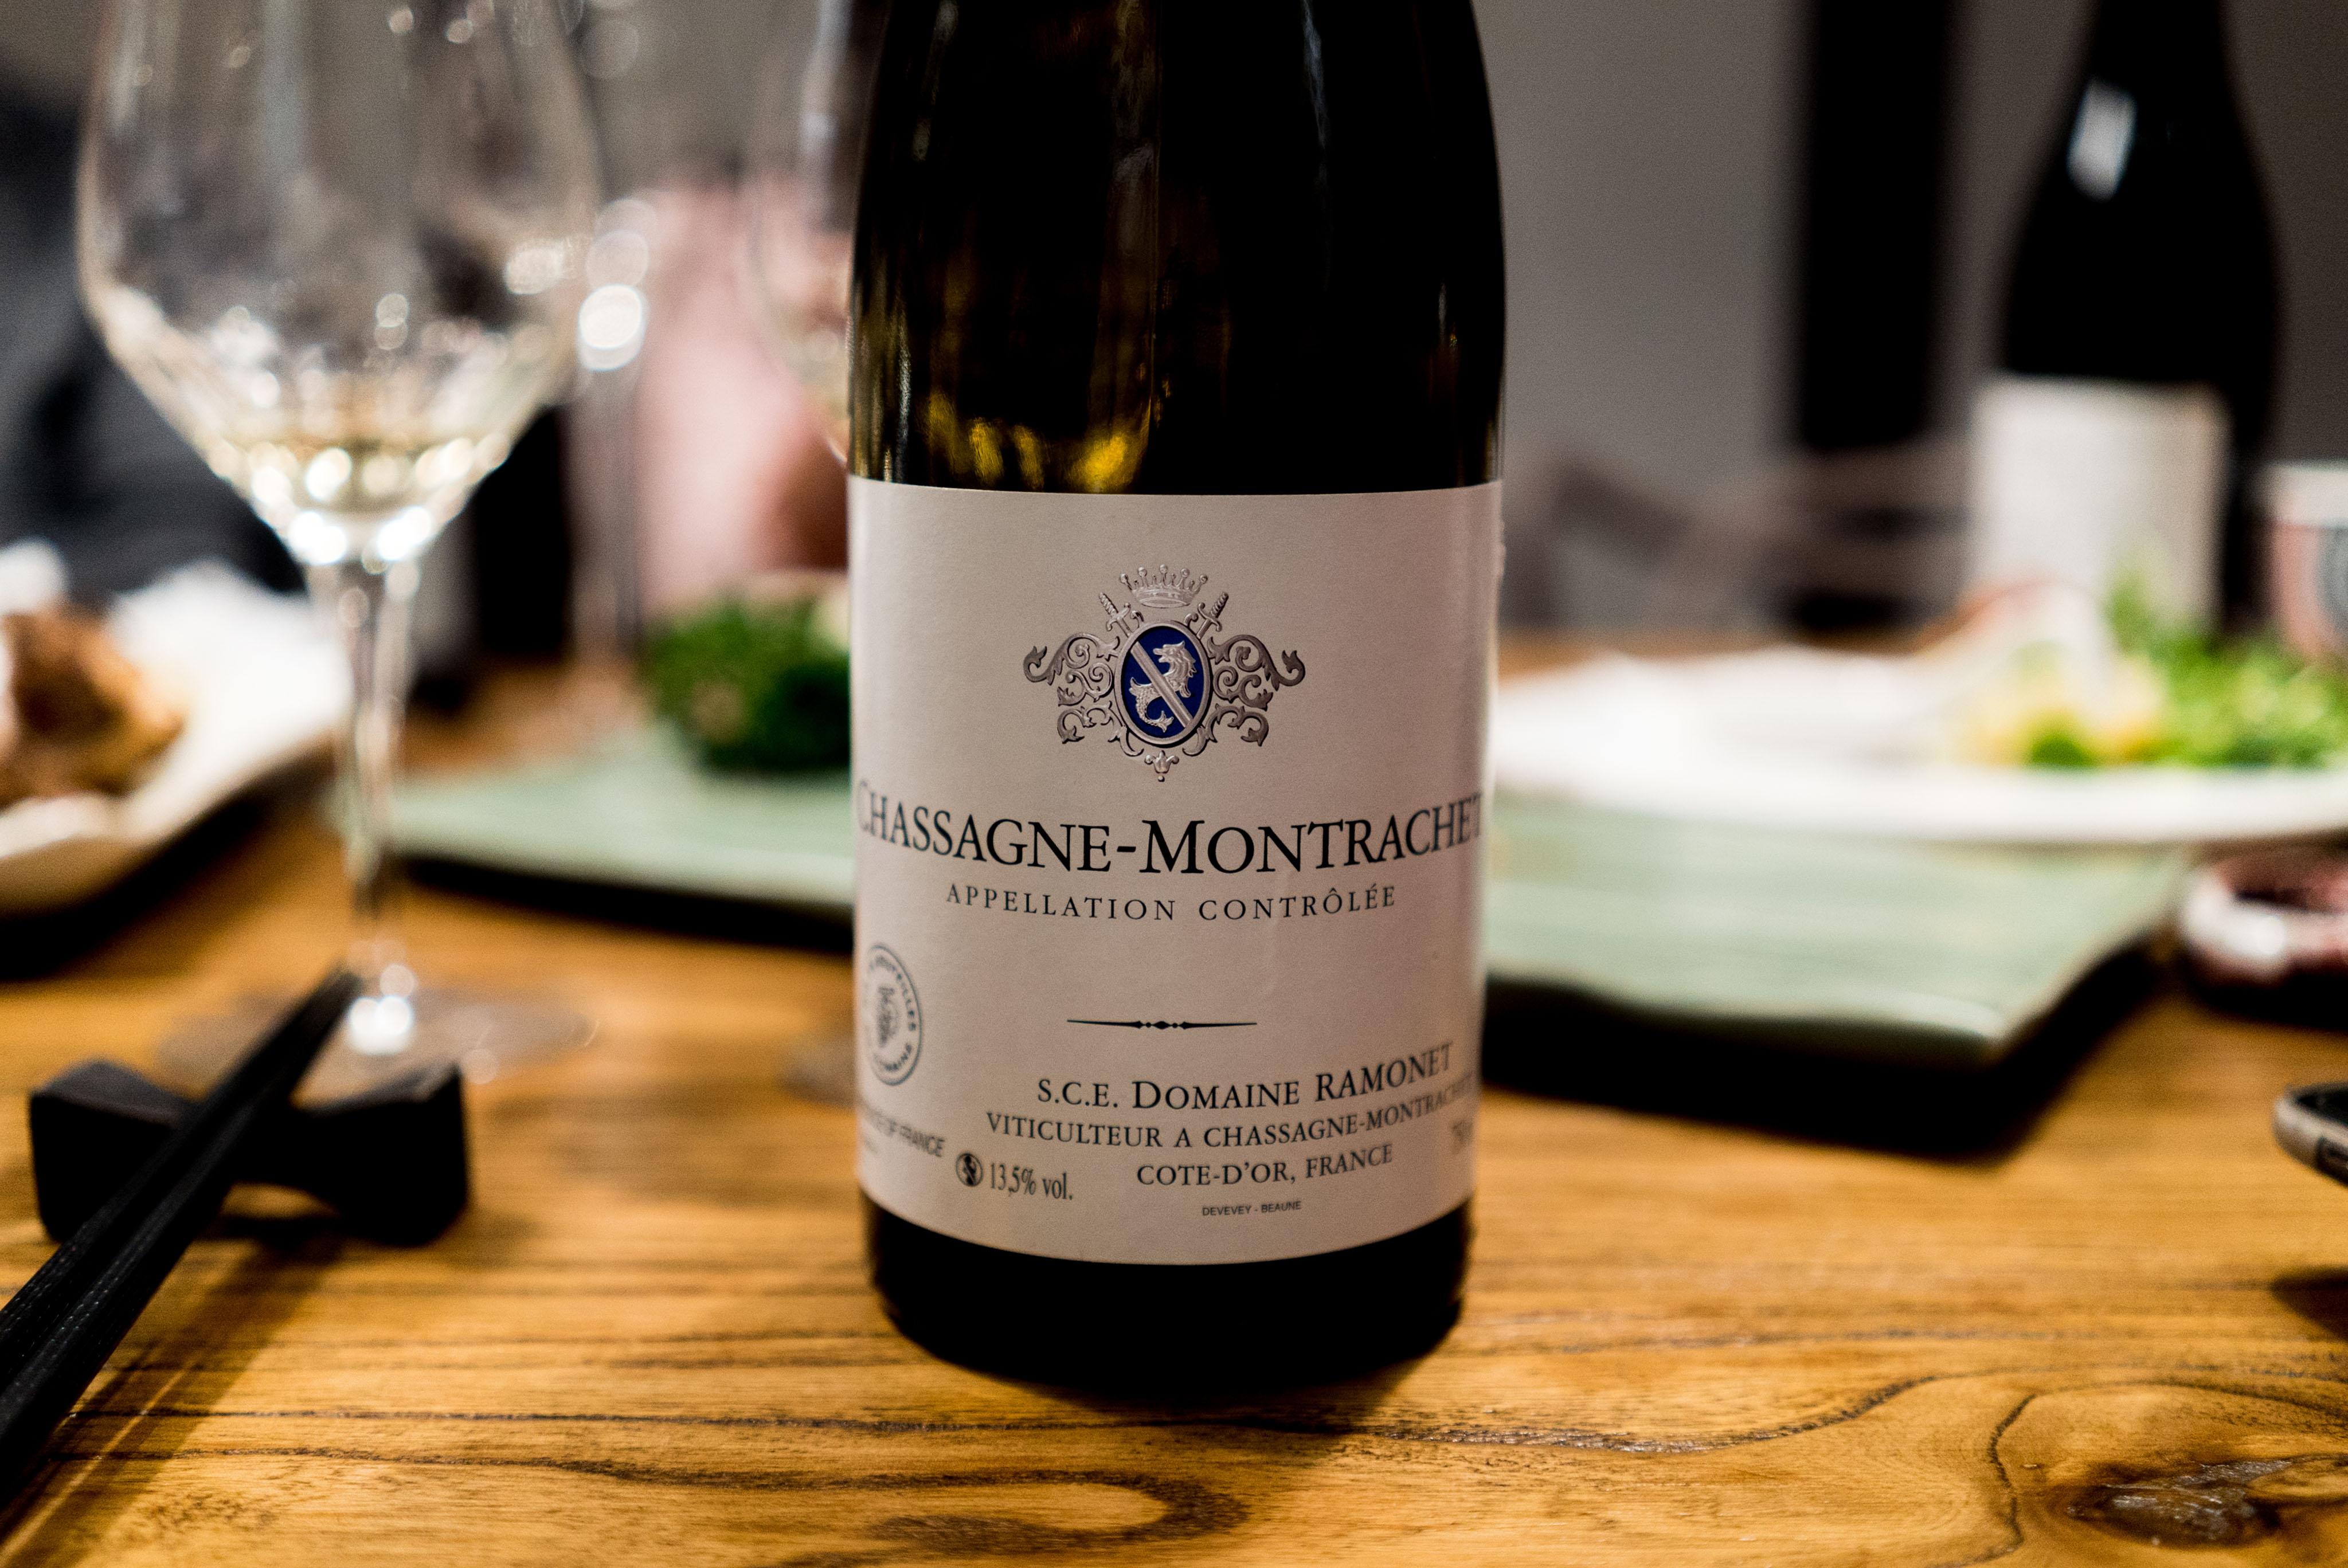 Domaine Ramonet Chassagne-Montrachet Cote de Beaune 2012